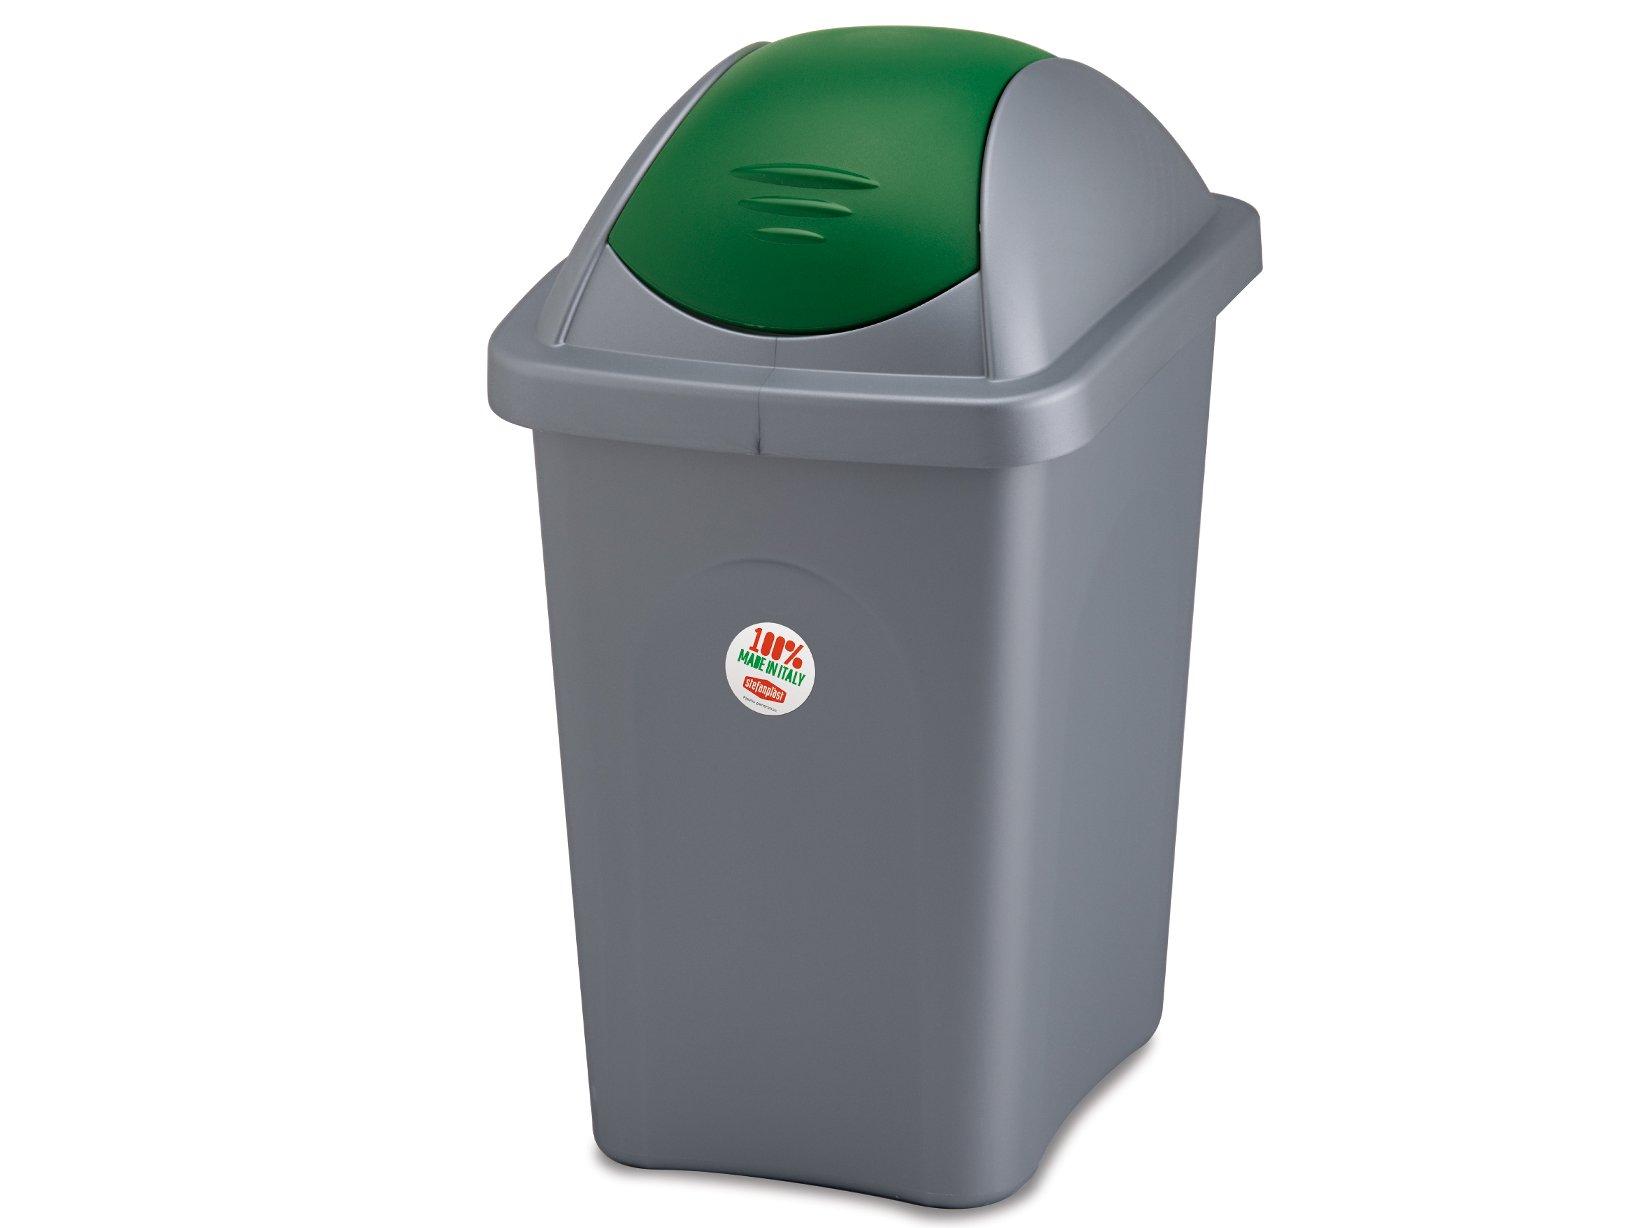 Stefanplast Basculina Garbage Bin with Lid, Polypropylene, 60 lt by Stefanplast